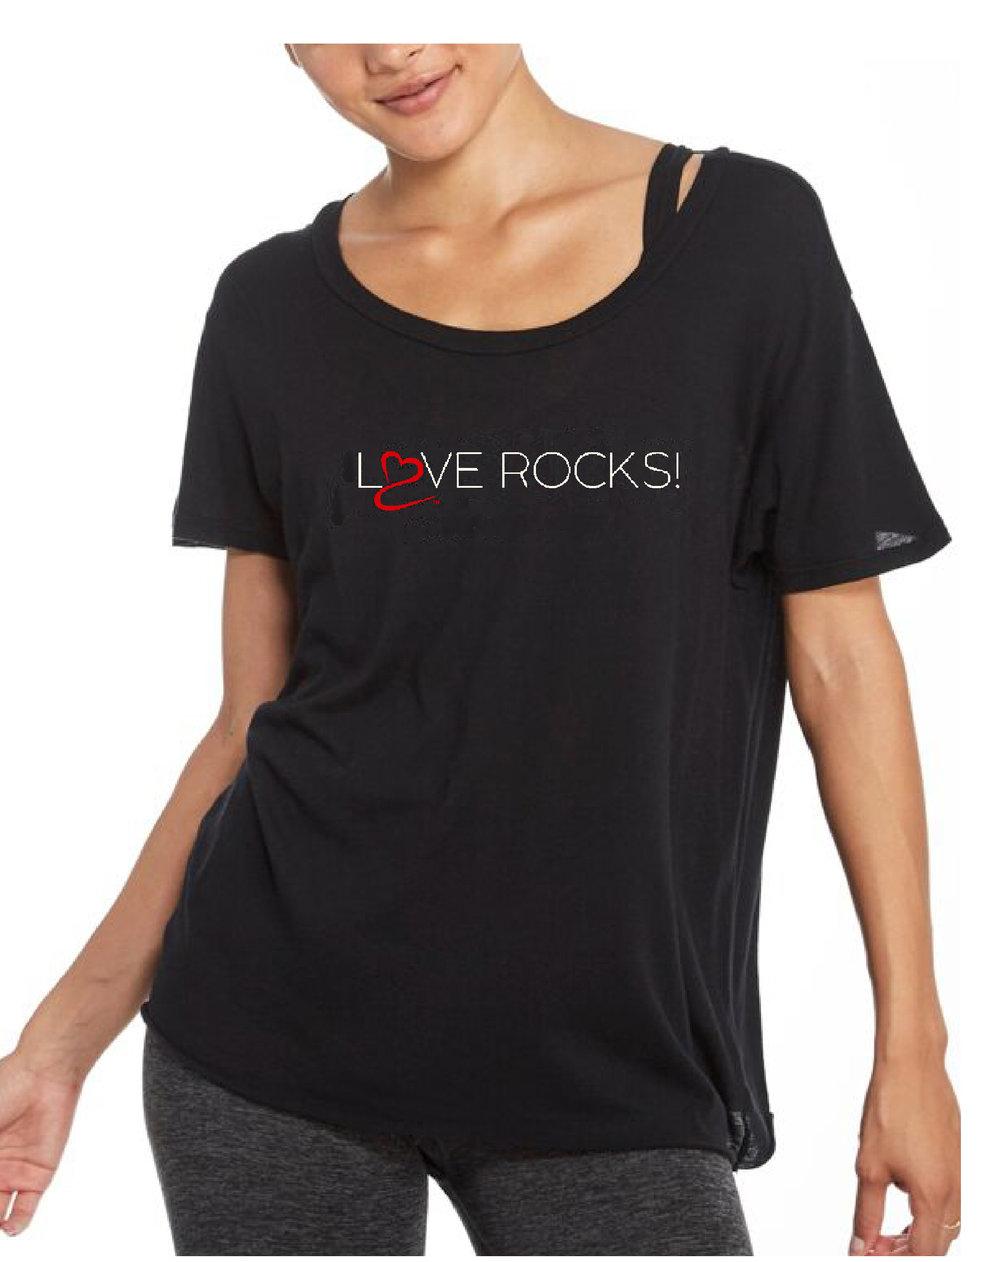 02 LoveRocks.jpg